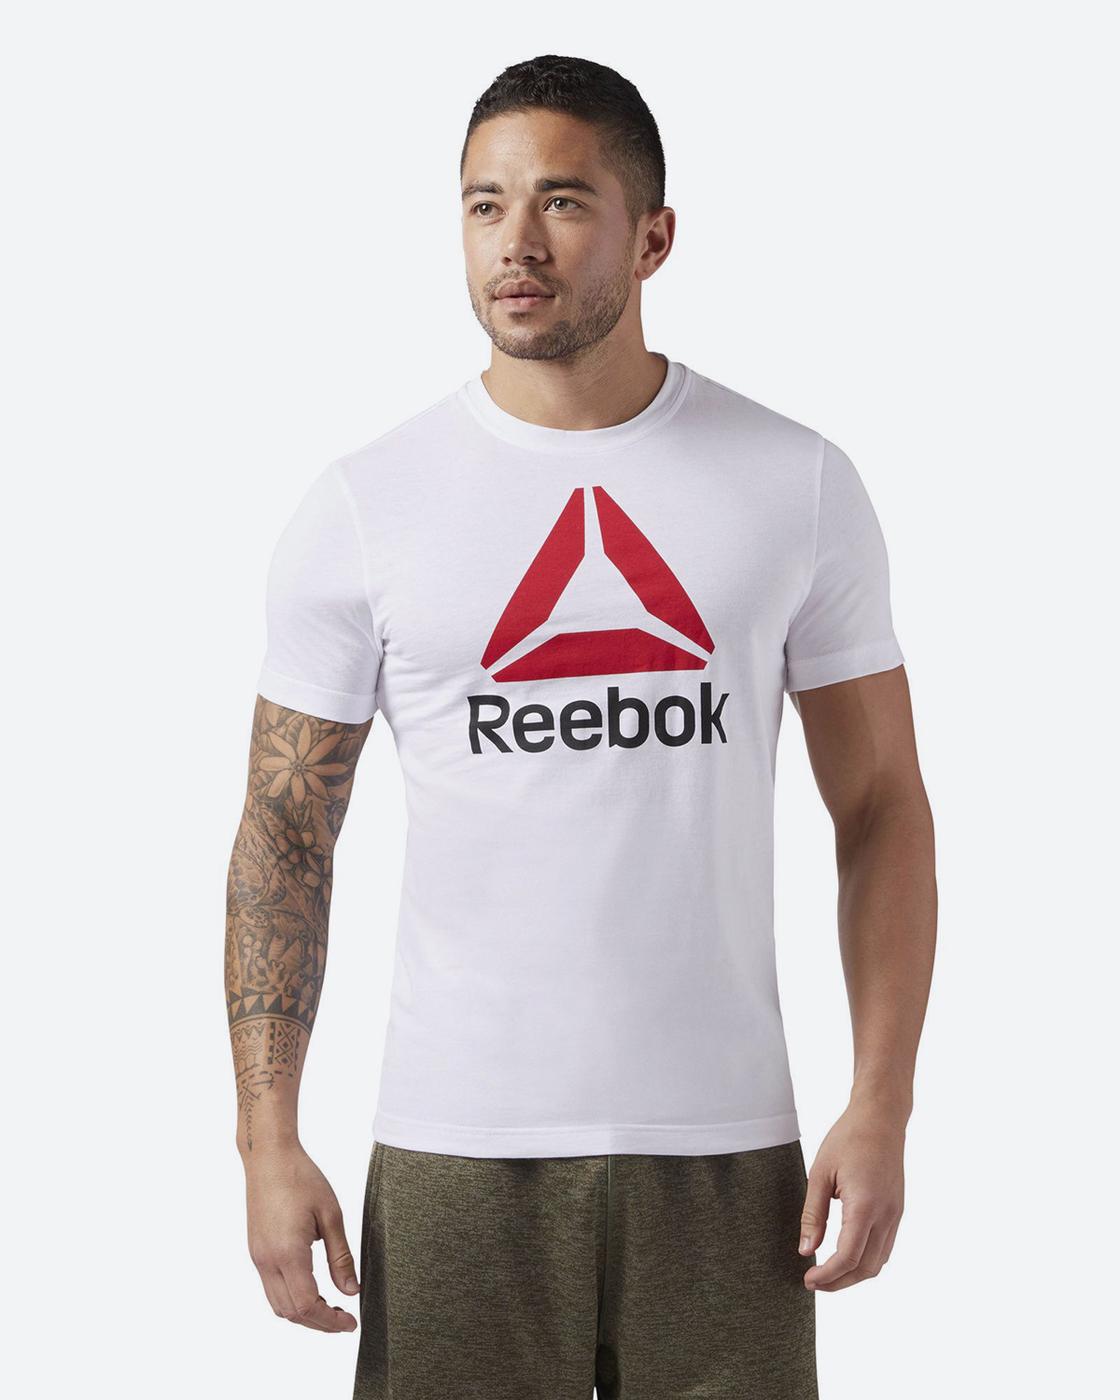 более картинки футболки рибок мужские горожан искусству музыке